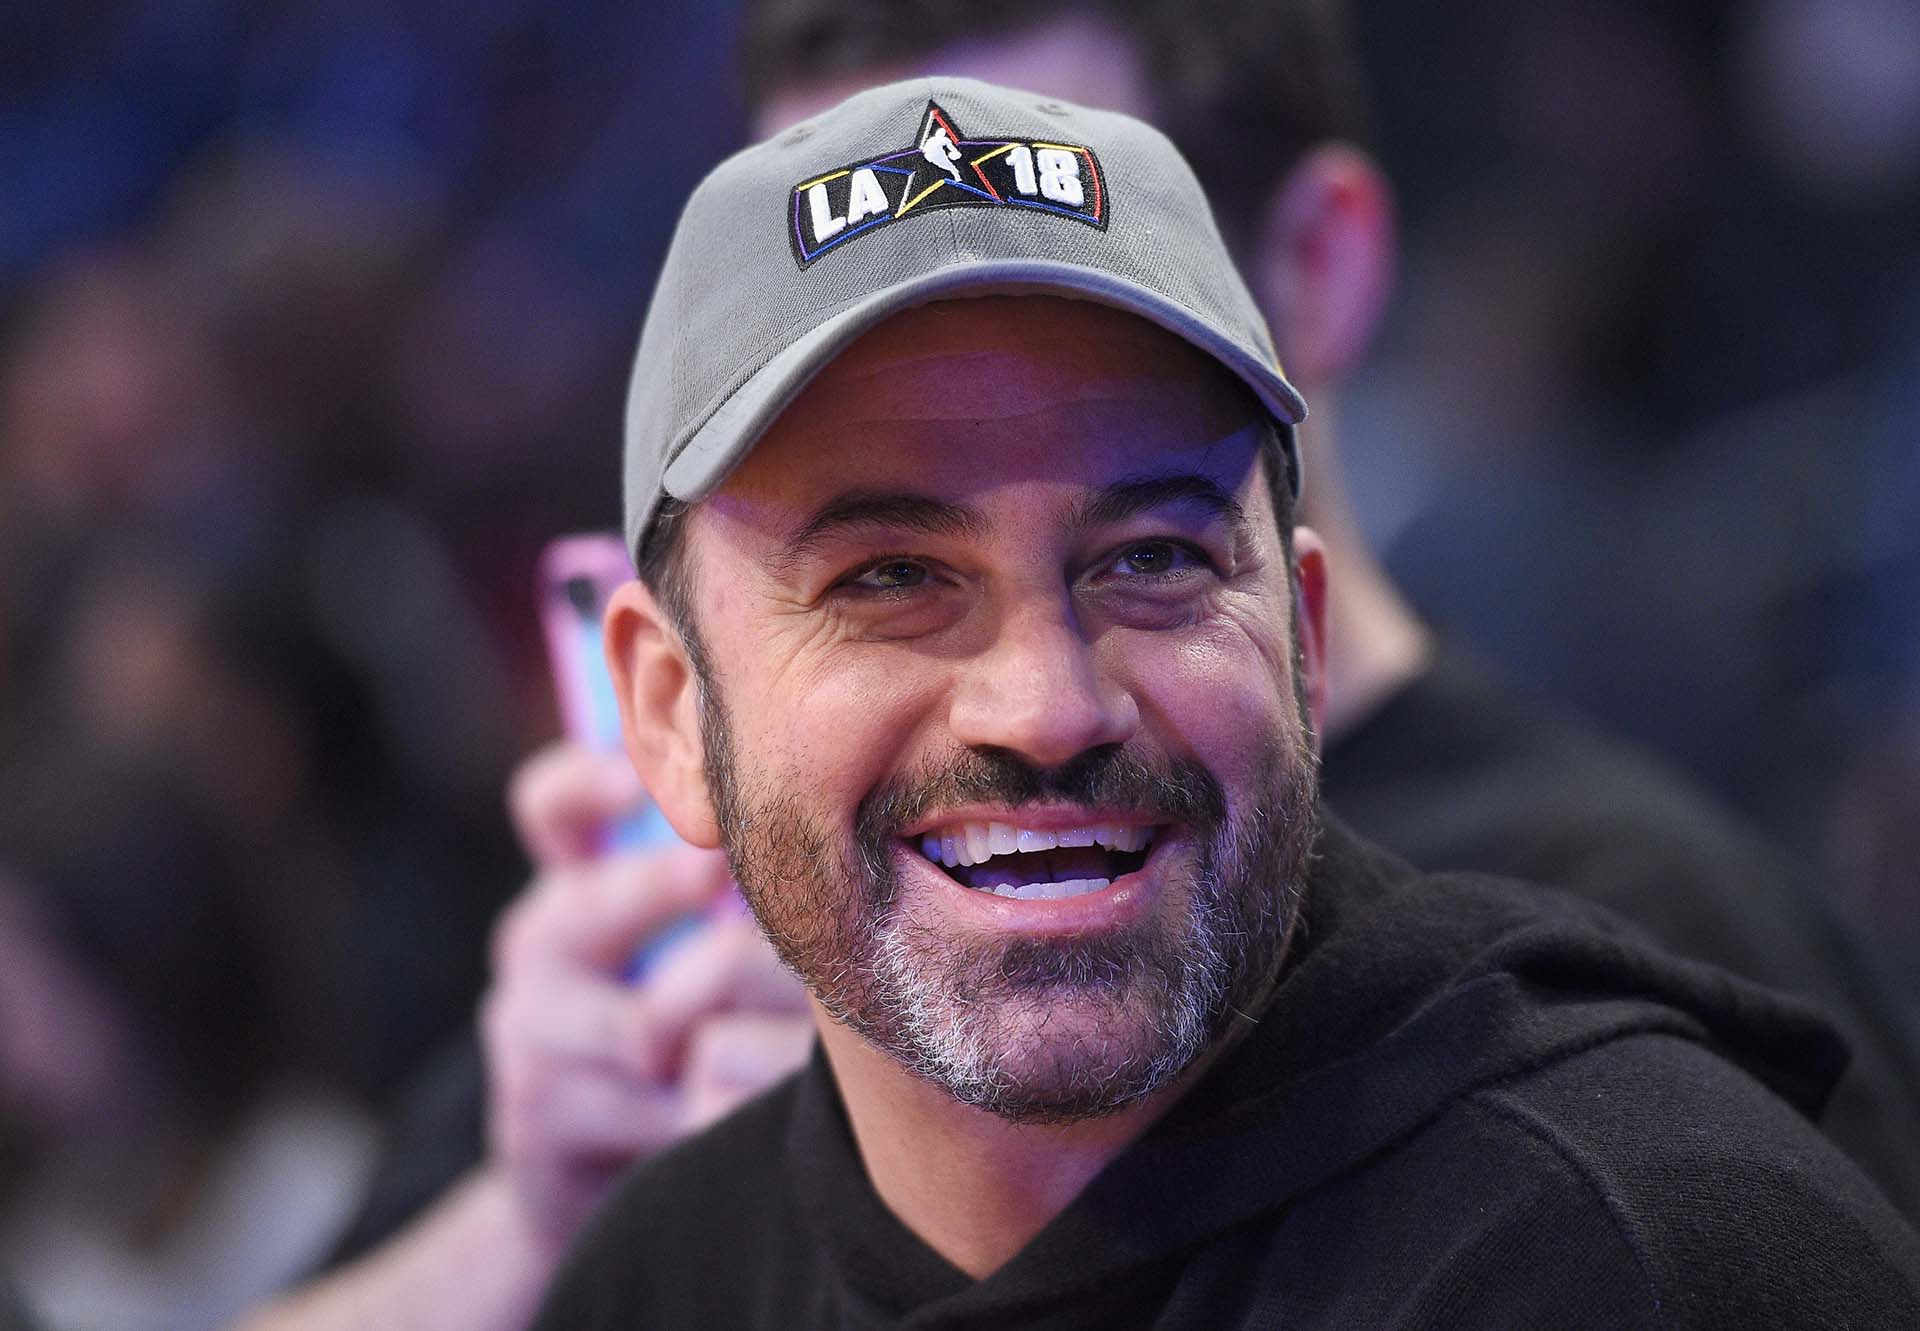 El presentador Jimmy Kimmel sonríe antes del inicio del NBA All-Star Game 2018